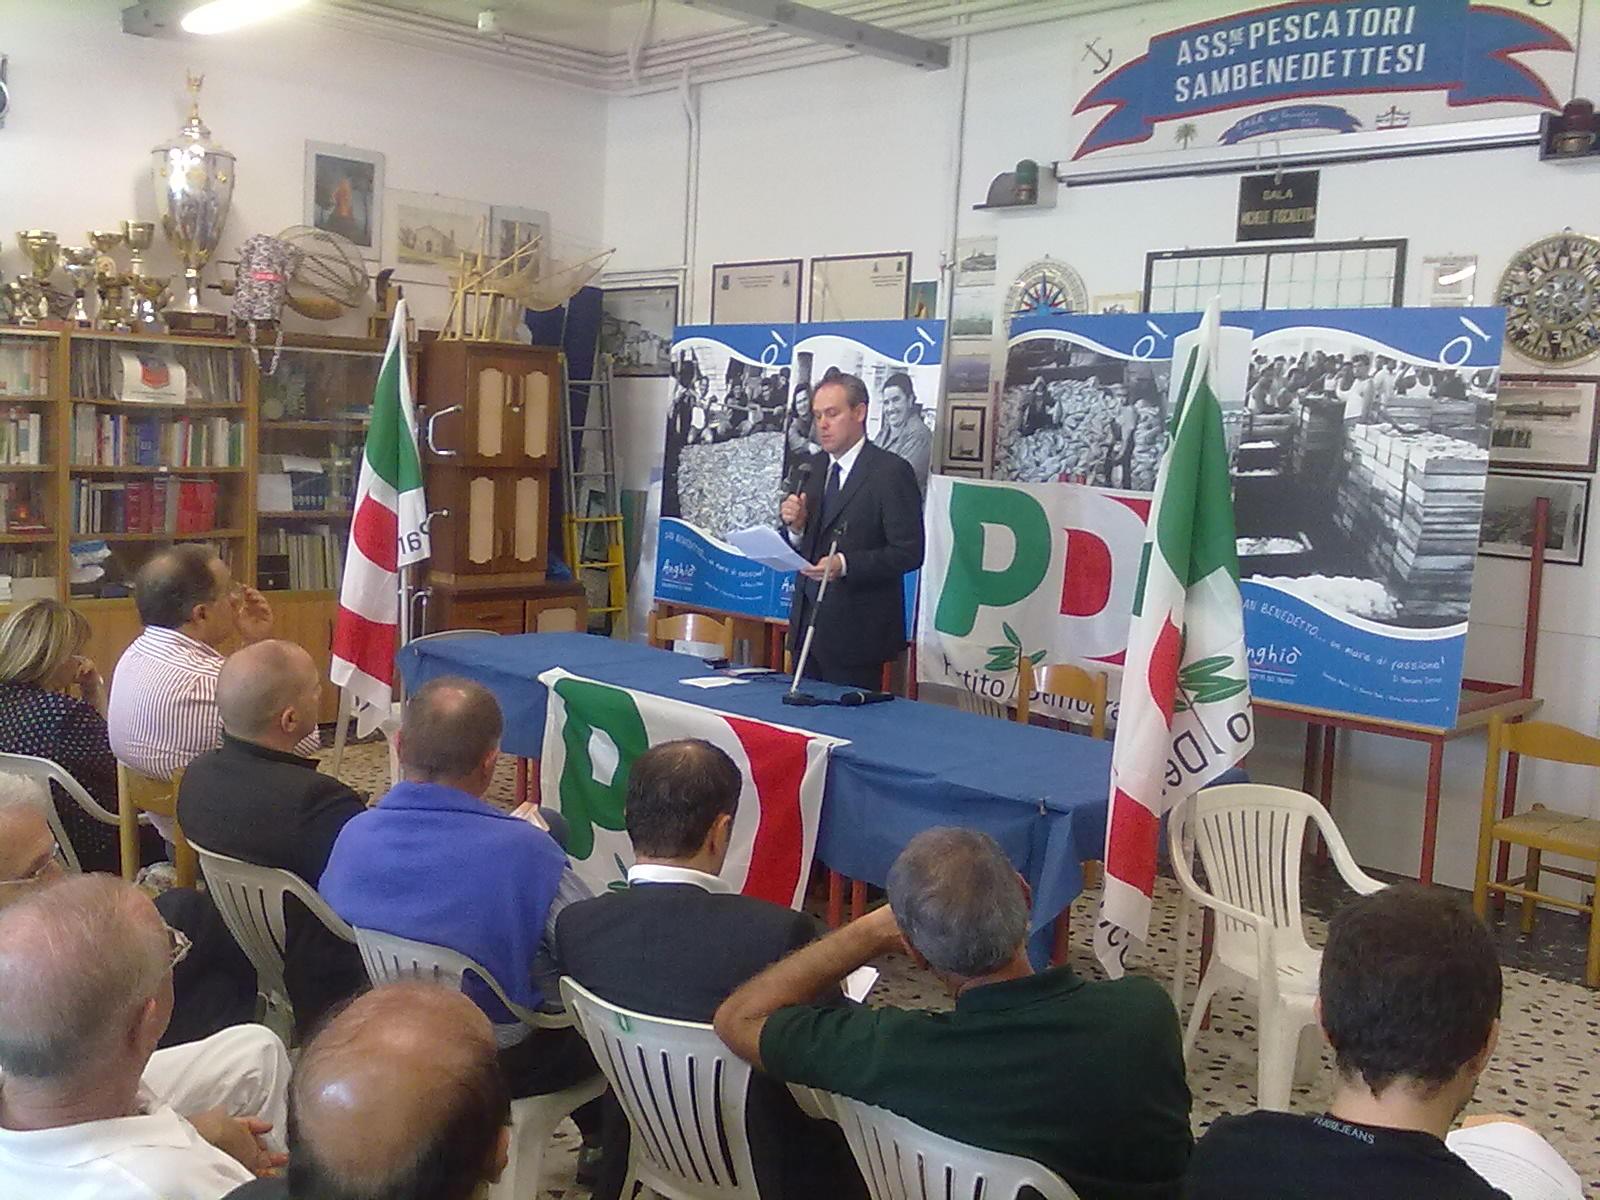 Antimo Di Francesco presenta la sua mozione congressuale a militanti e amministratori del Partito Democratico